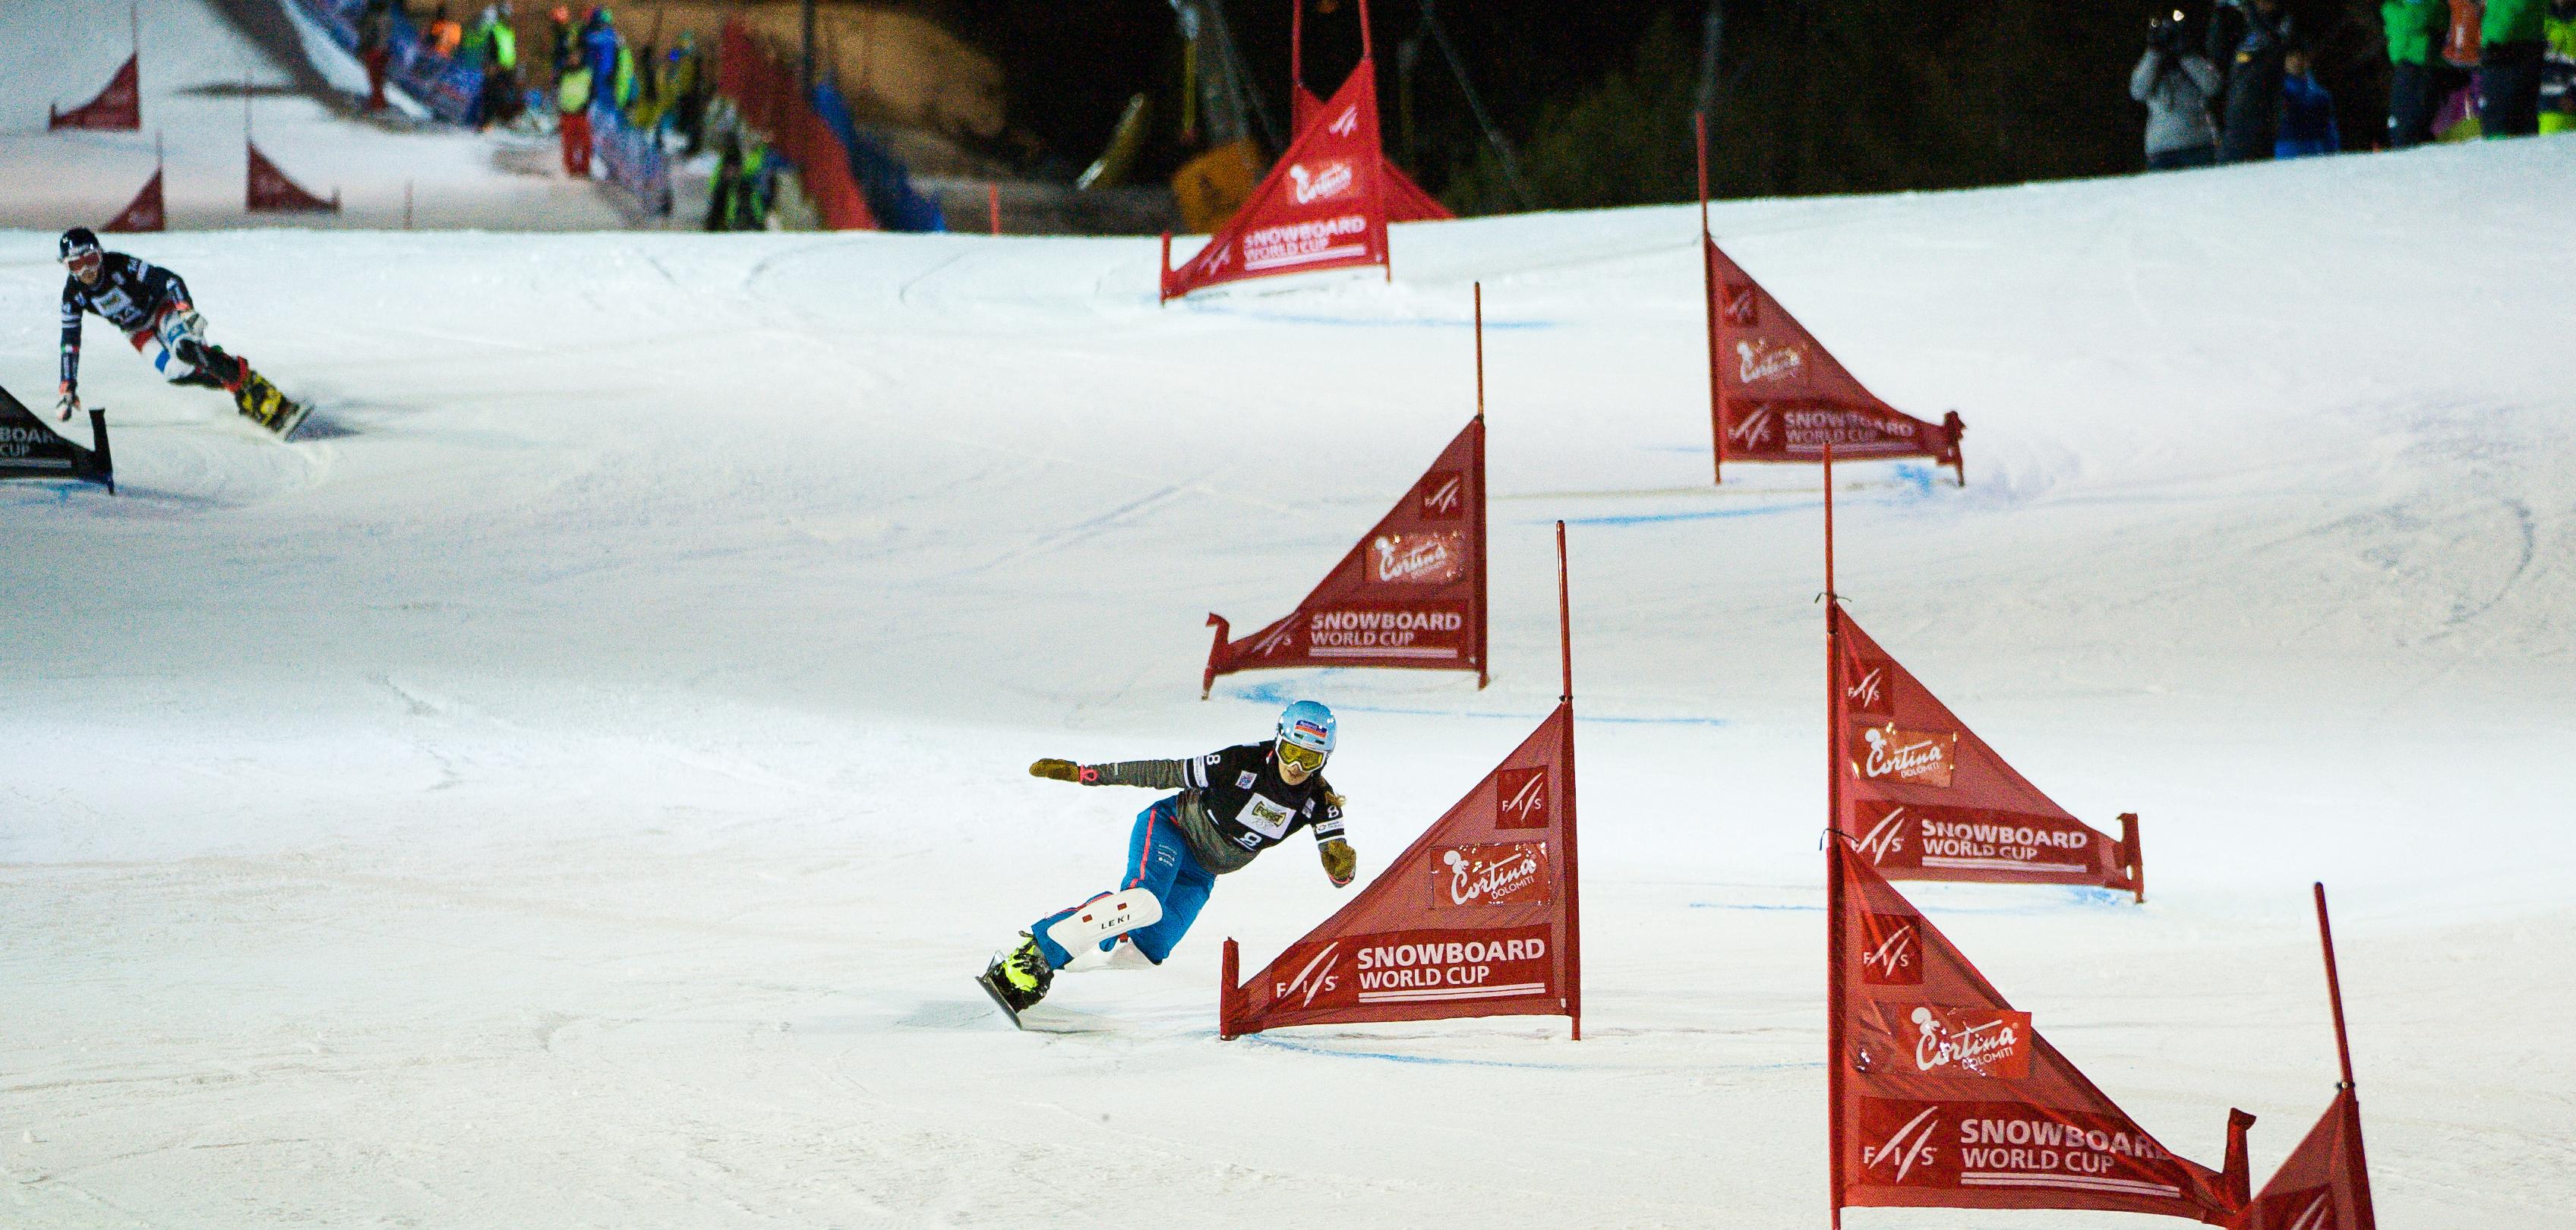 Patrizia Kummer fährt mit grossem Vorsprung im Dezember 2016 in Cortina d'Ampezzo ins Ziel und gewinnt einen weiteren Weltcup.